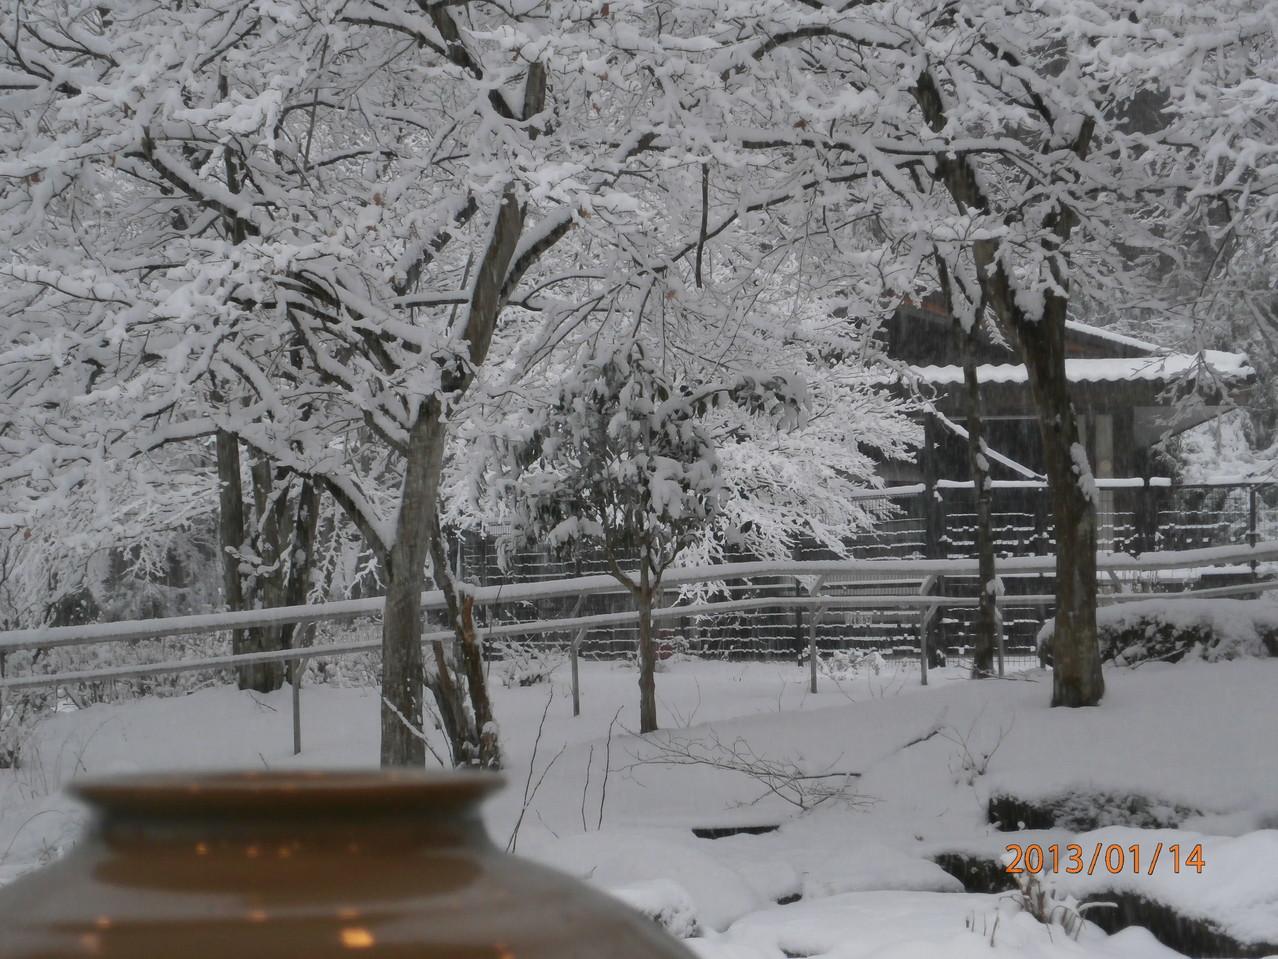 レストラン前の池も凍っています